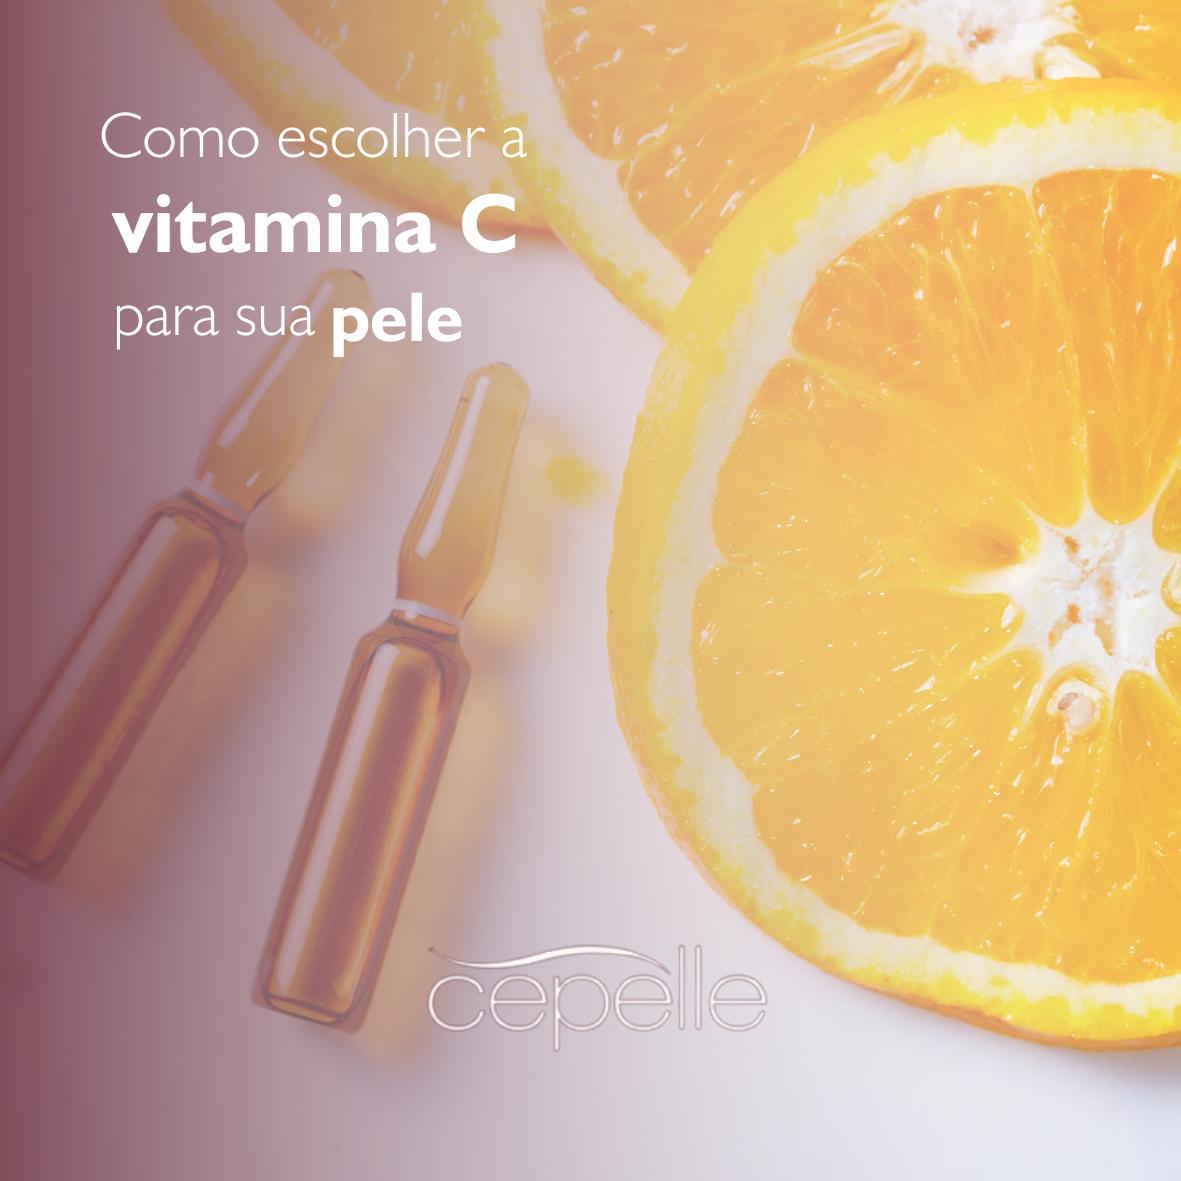 Como-escolher-a-vitamina-C-para-sua-pele.png